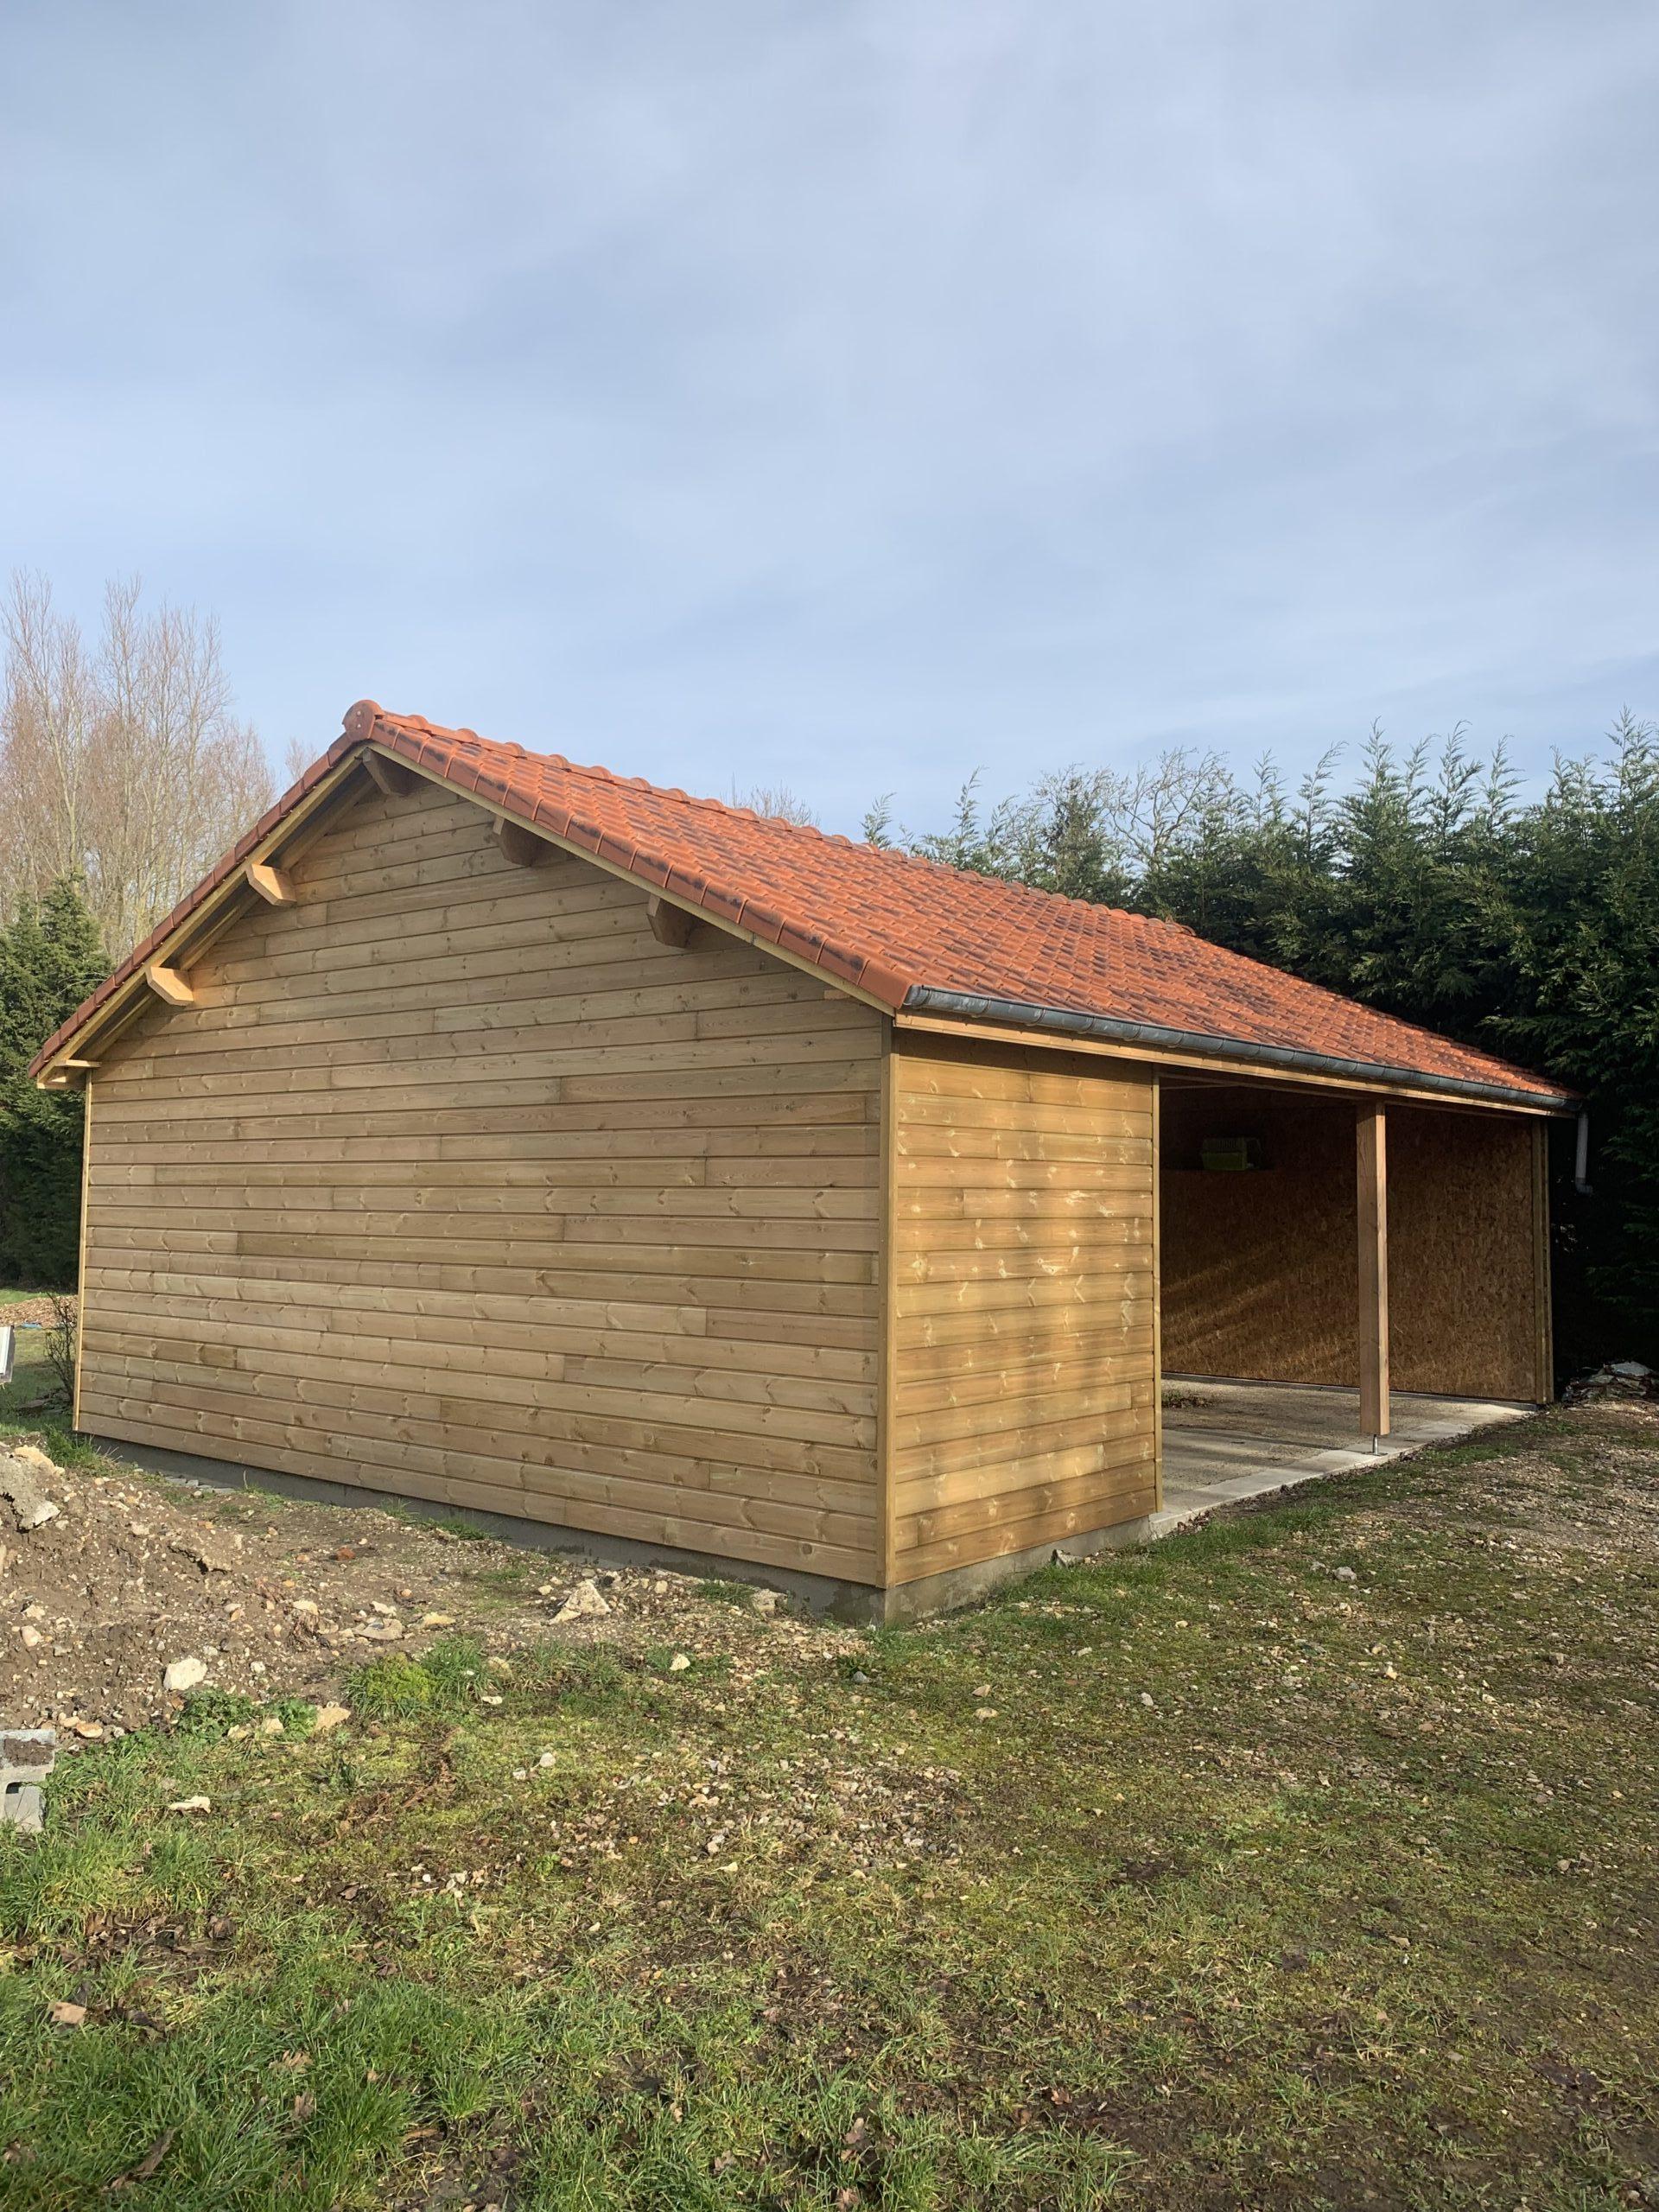 Garage ossature bois sur dalle existante - RUE - 80